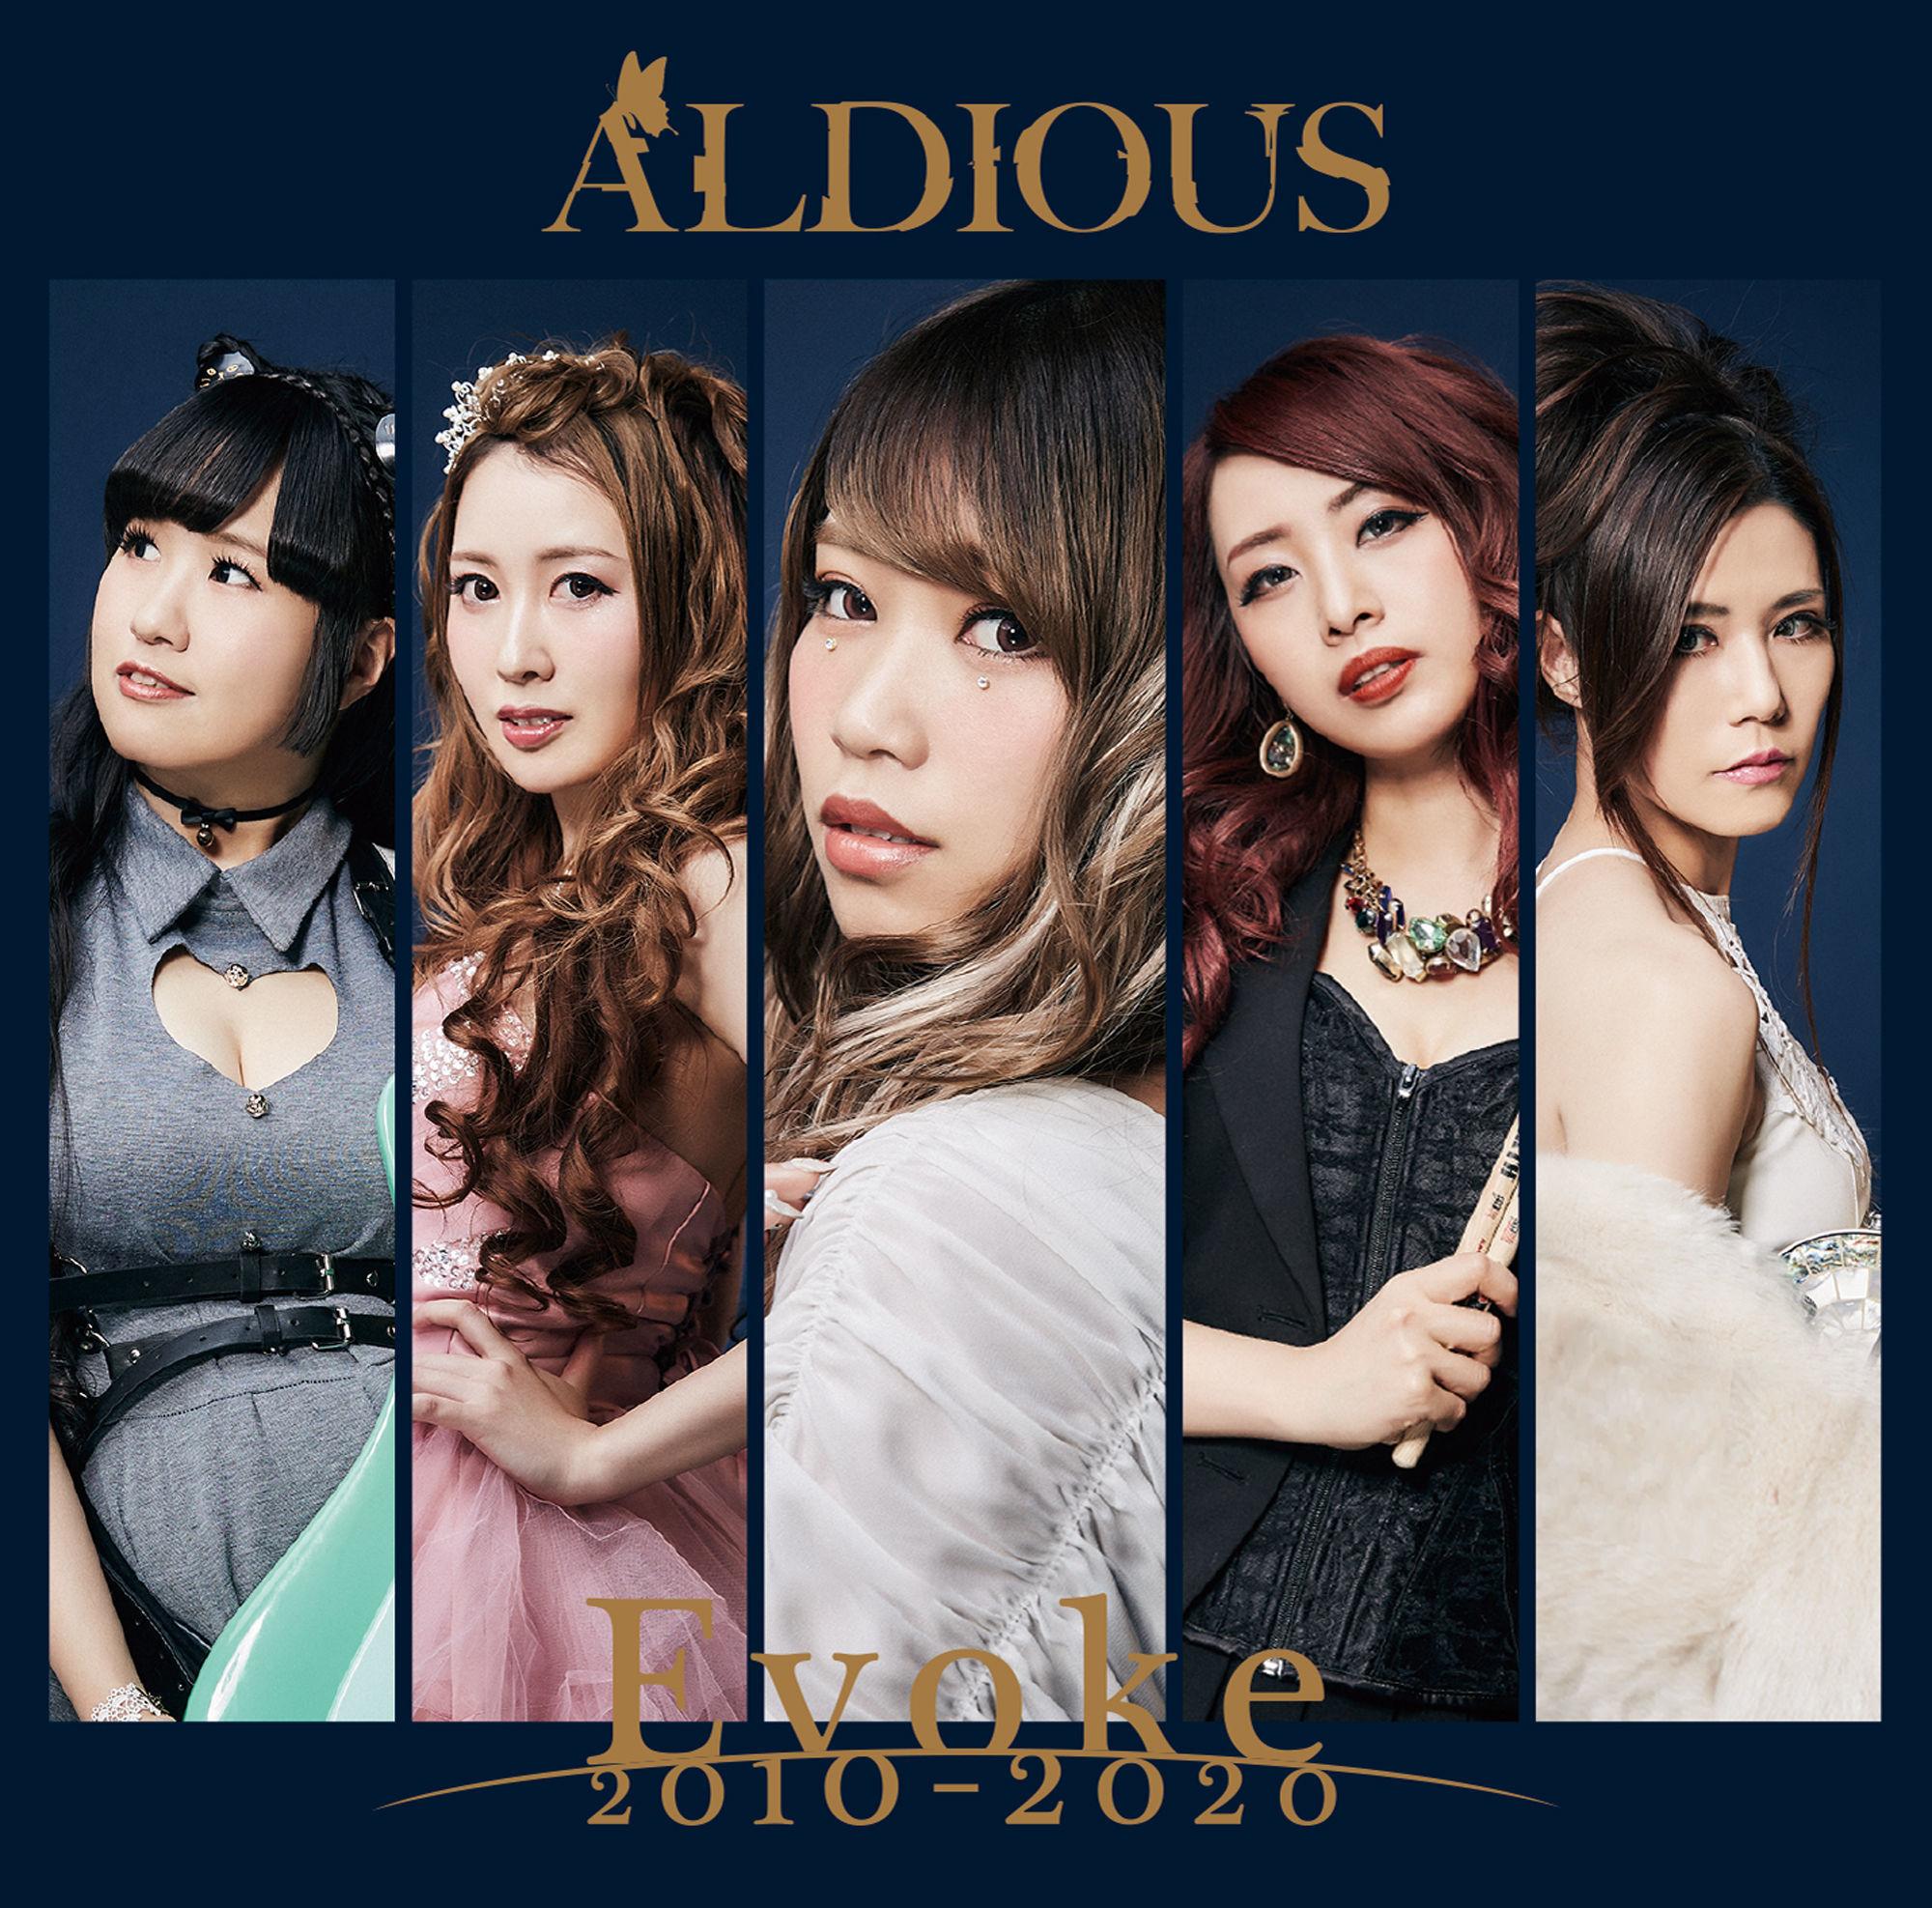 【35パーセントOFF】Aldious 7thアルバム『Evoke 2010-2020』DVD付き限定盤(CD+DVD)